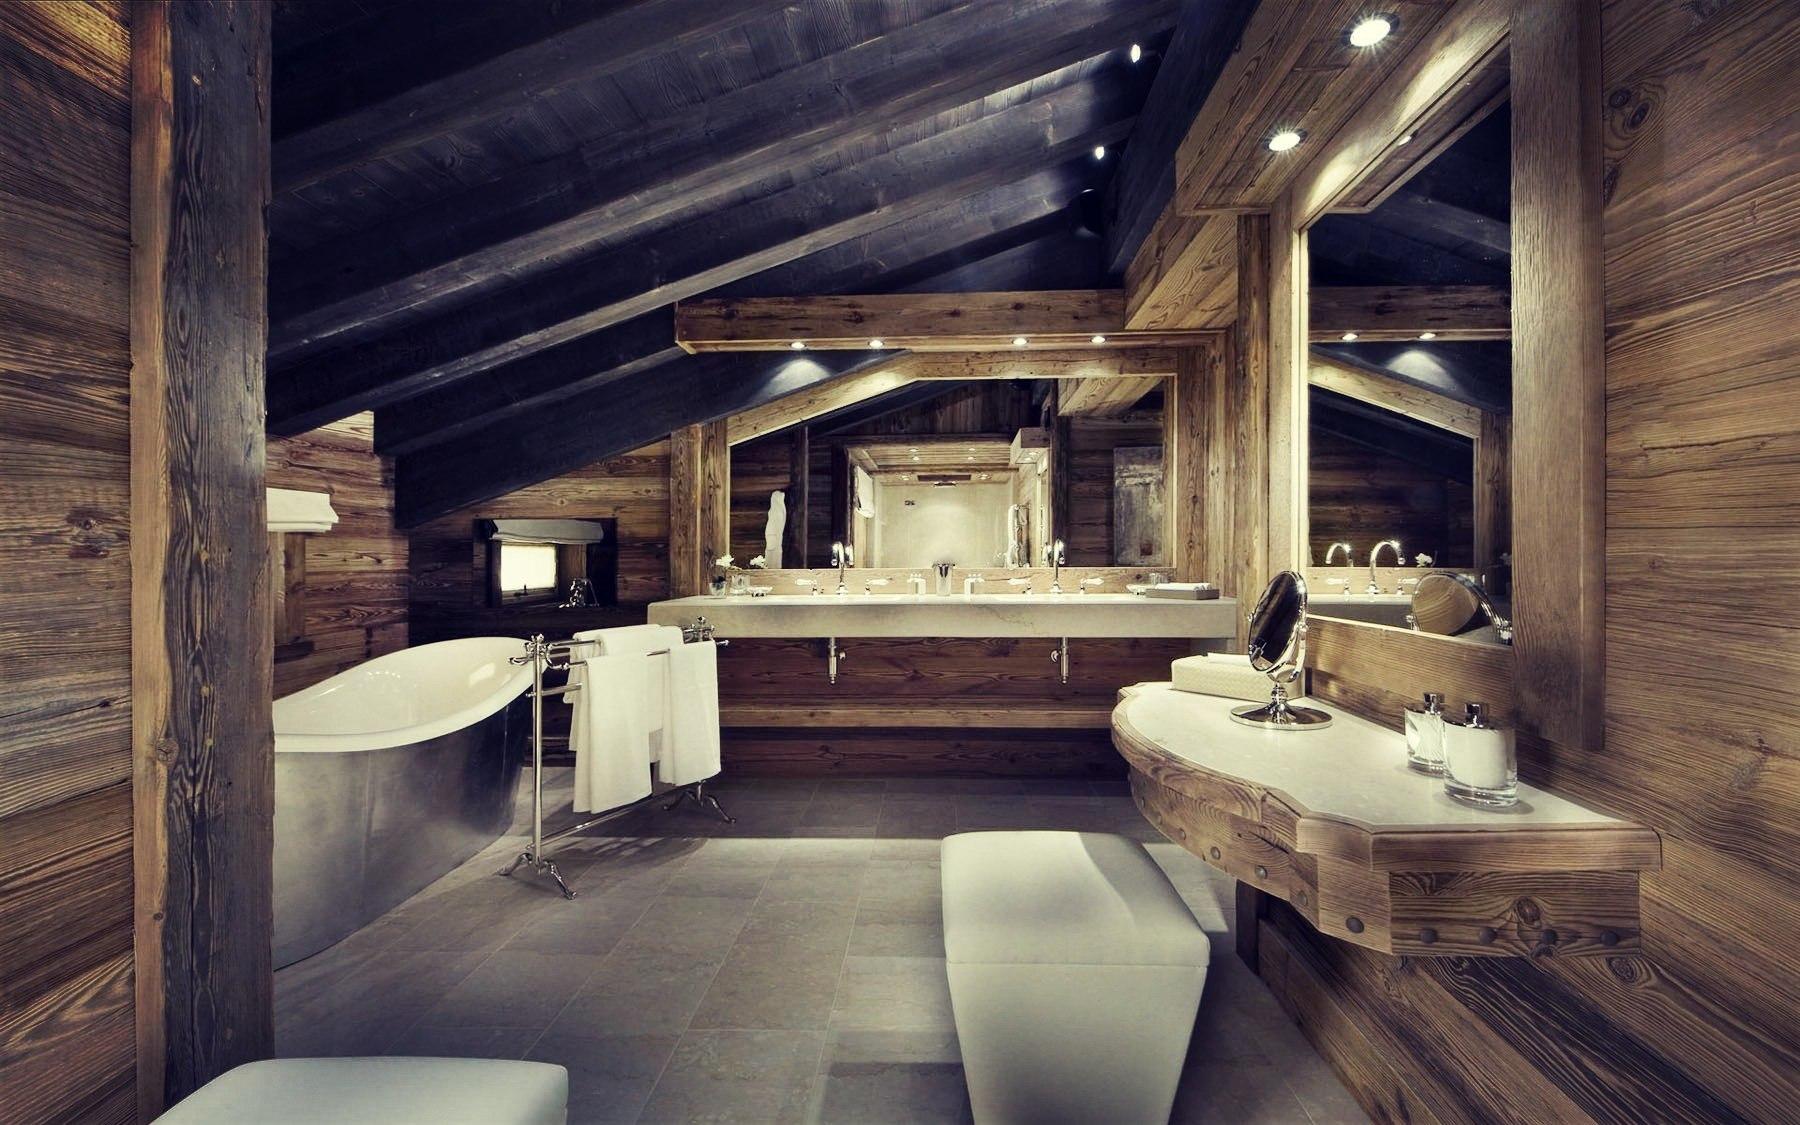 Ванная в стиле шале приглянется тем, кому близка природная и сельская эстетика